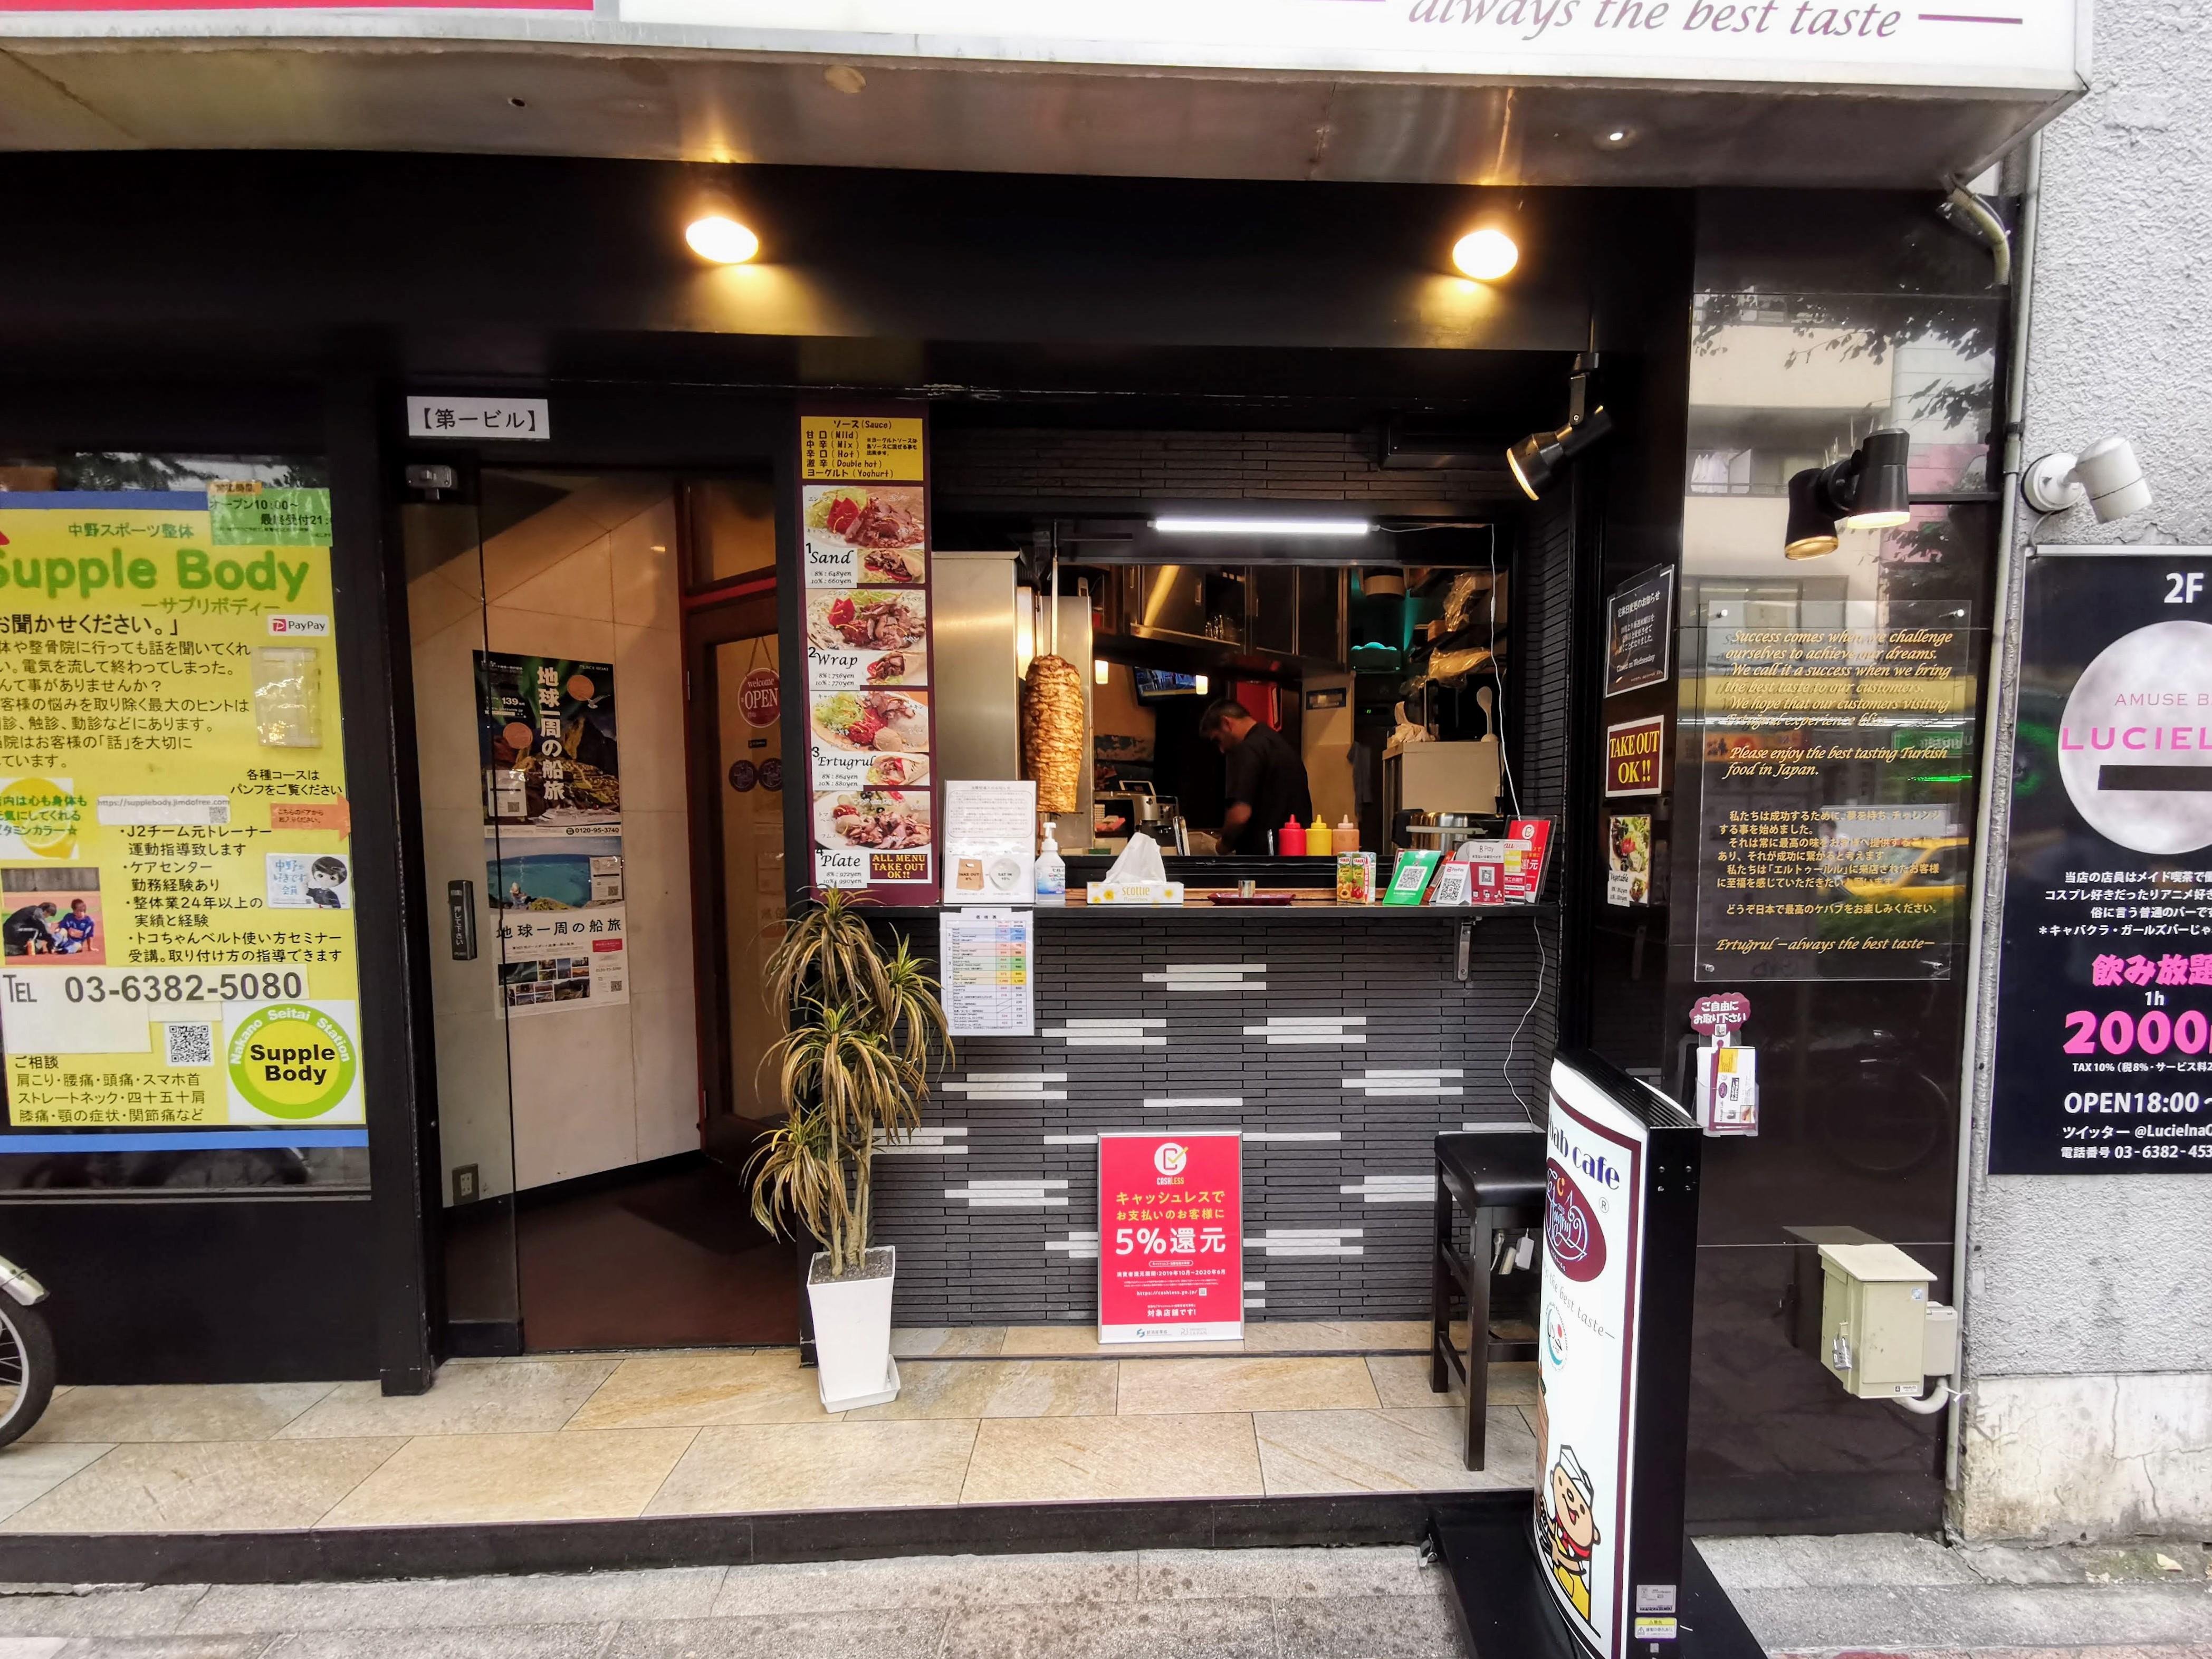 中野【ケバブカフェ エルトゥールル】 (1)